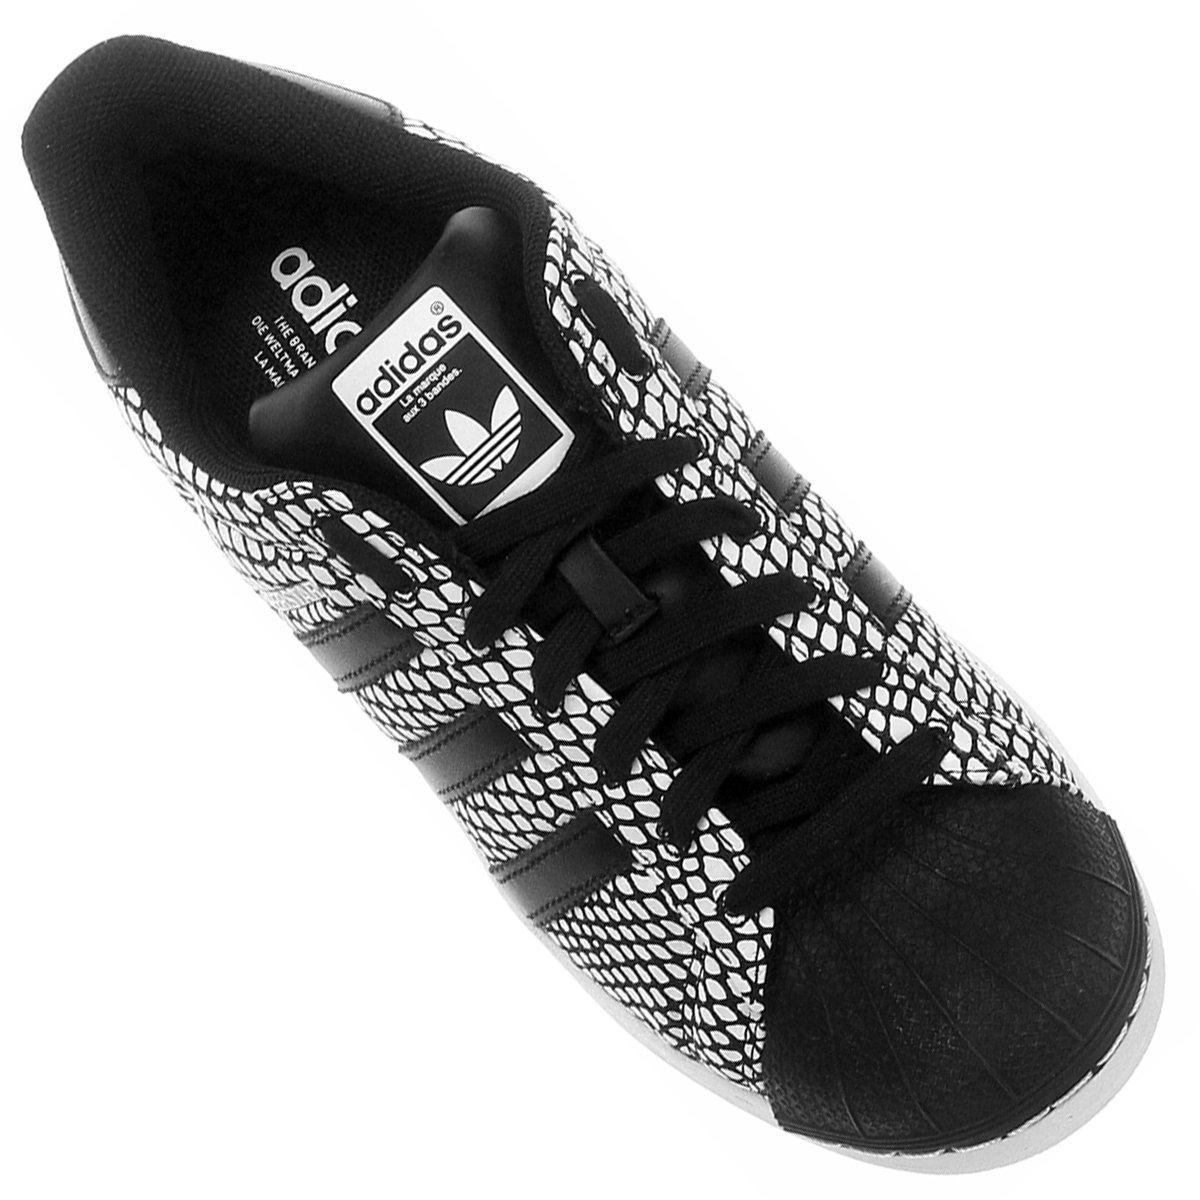 Tênis Adidas Superstar Snake - Compre Agora  da375ef34b643